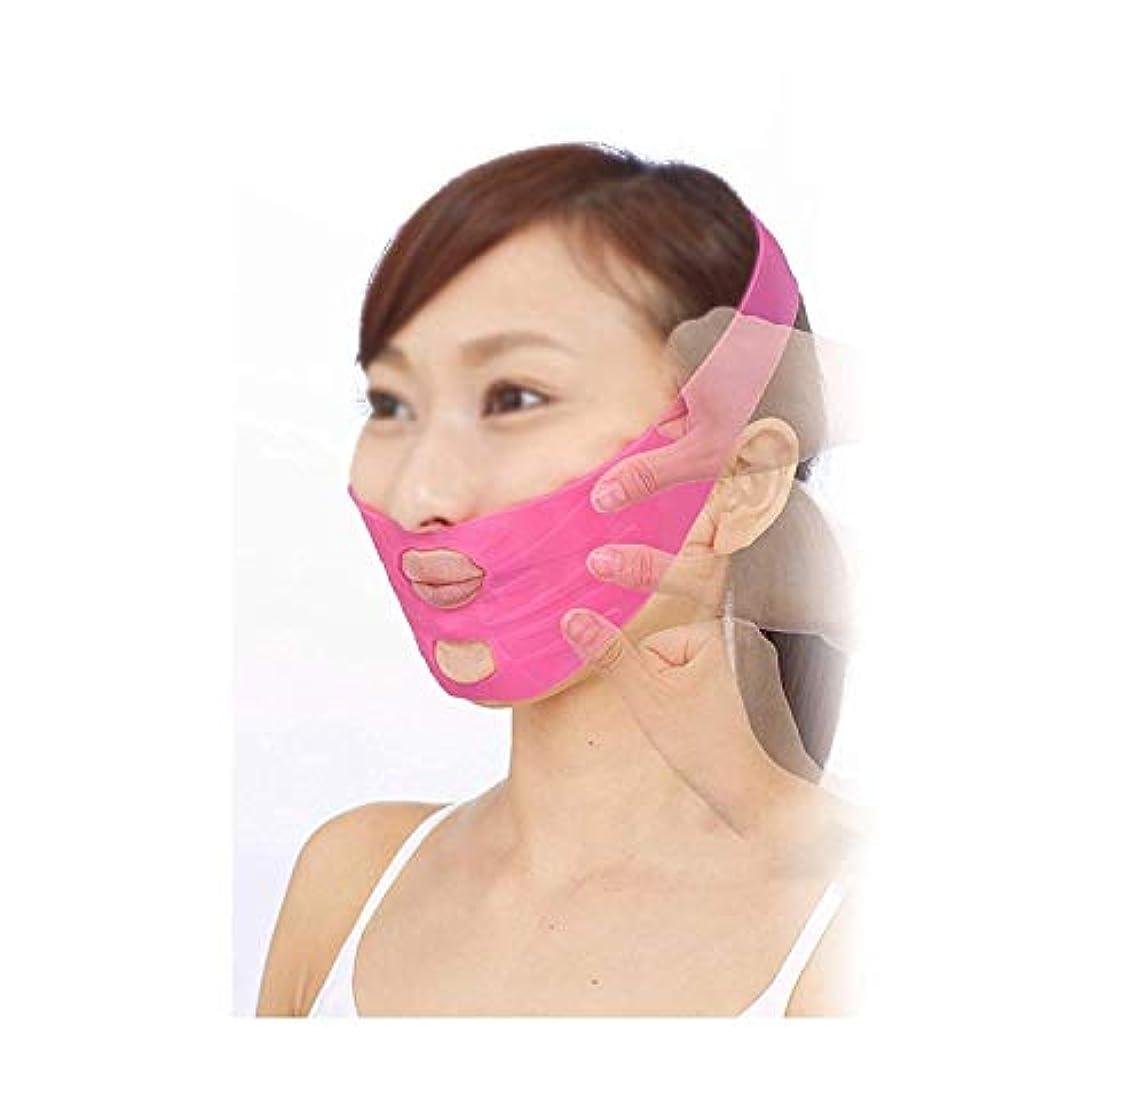 宿泊施設漏れロックフェイシャルマスク、リフティングアーティファクトフェイスマスク垂れ下がった小さなVフェイスバンデージ付きの顔